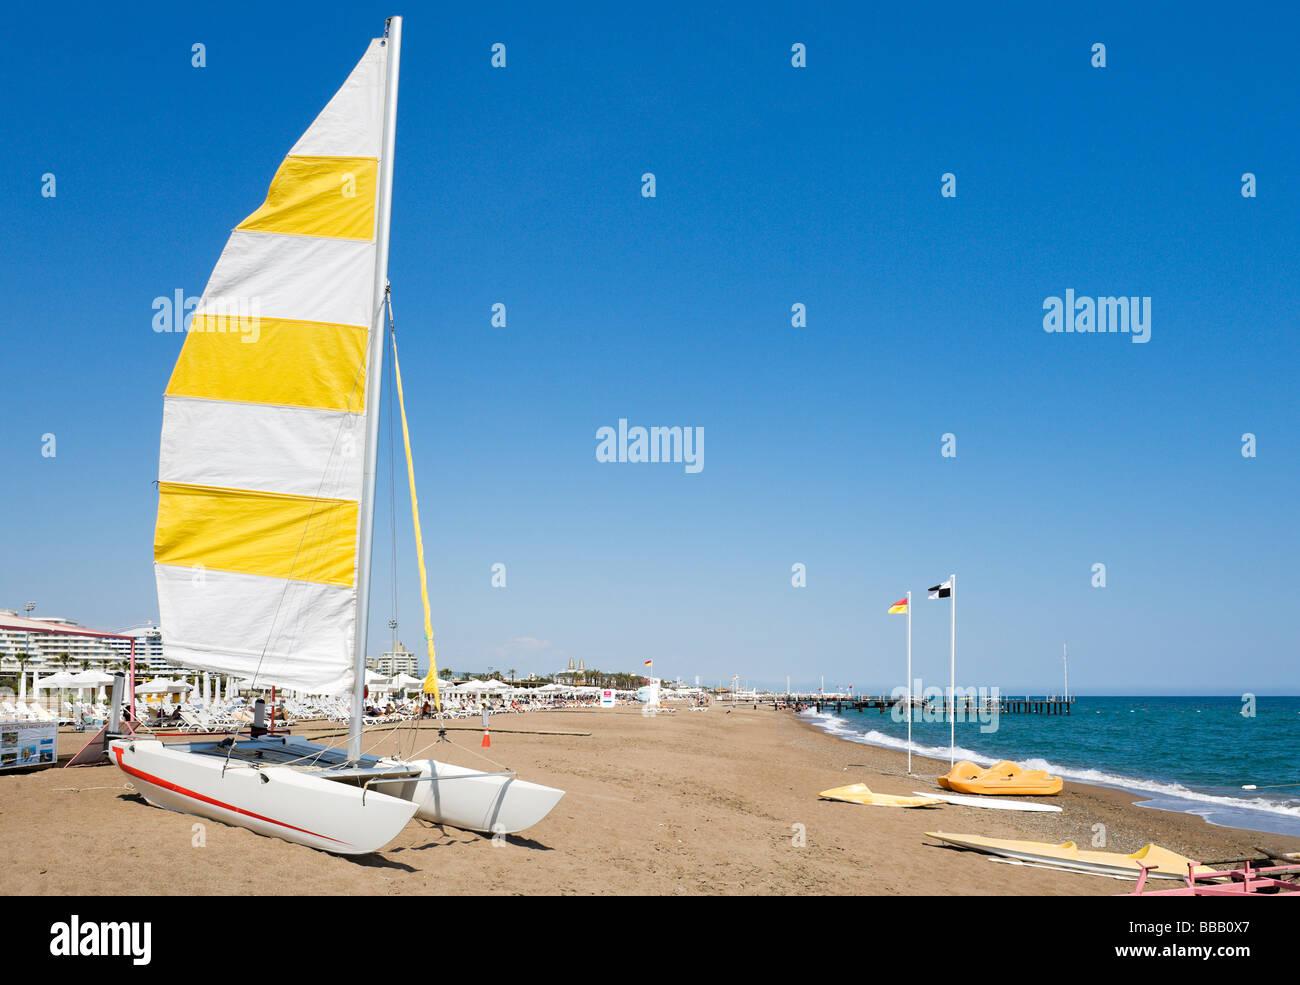 Deportes acuáticos fuera del Barut Lara hotel Lara Beach, cerca de la costa mediterránea, Antalya, Turquía Imagen De Stock